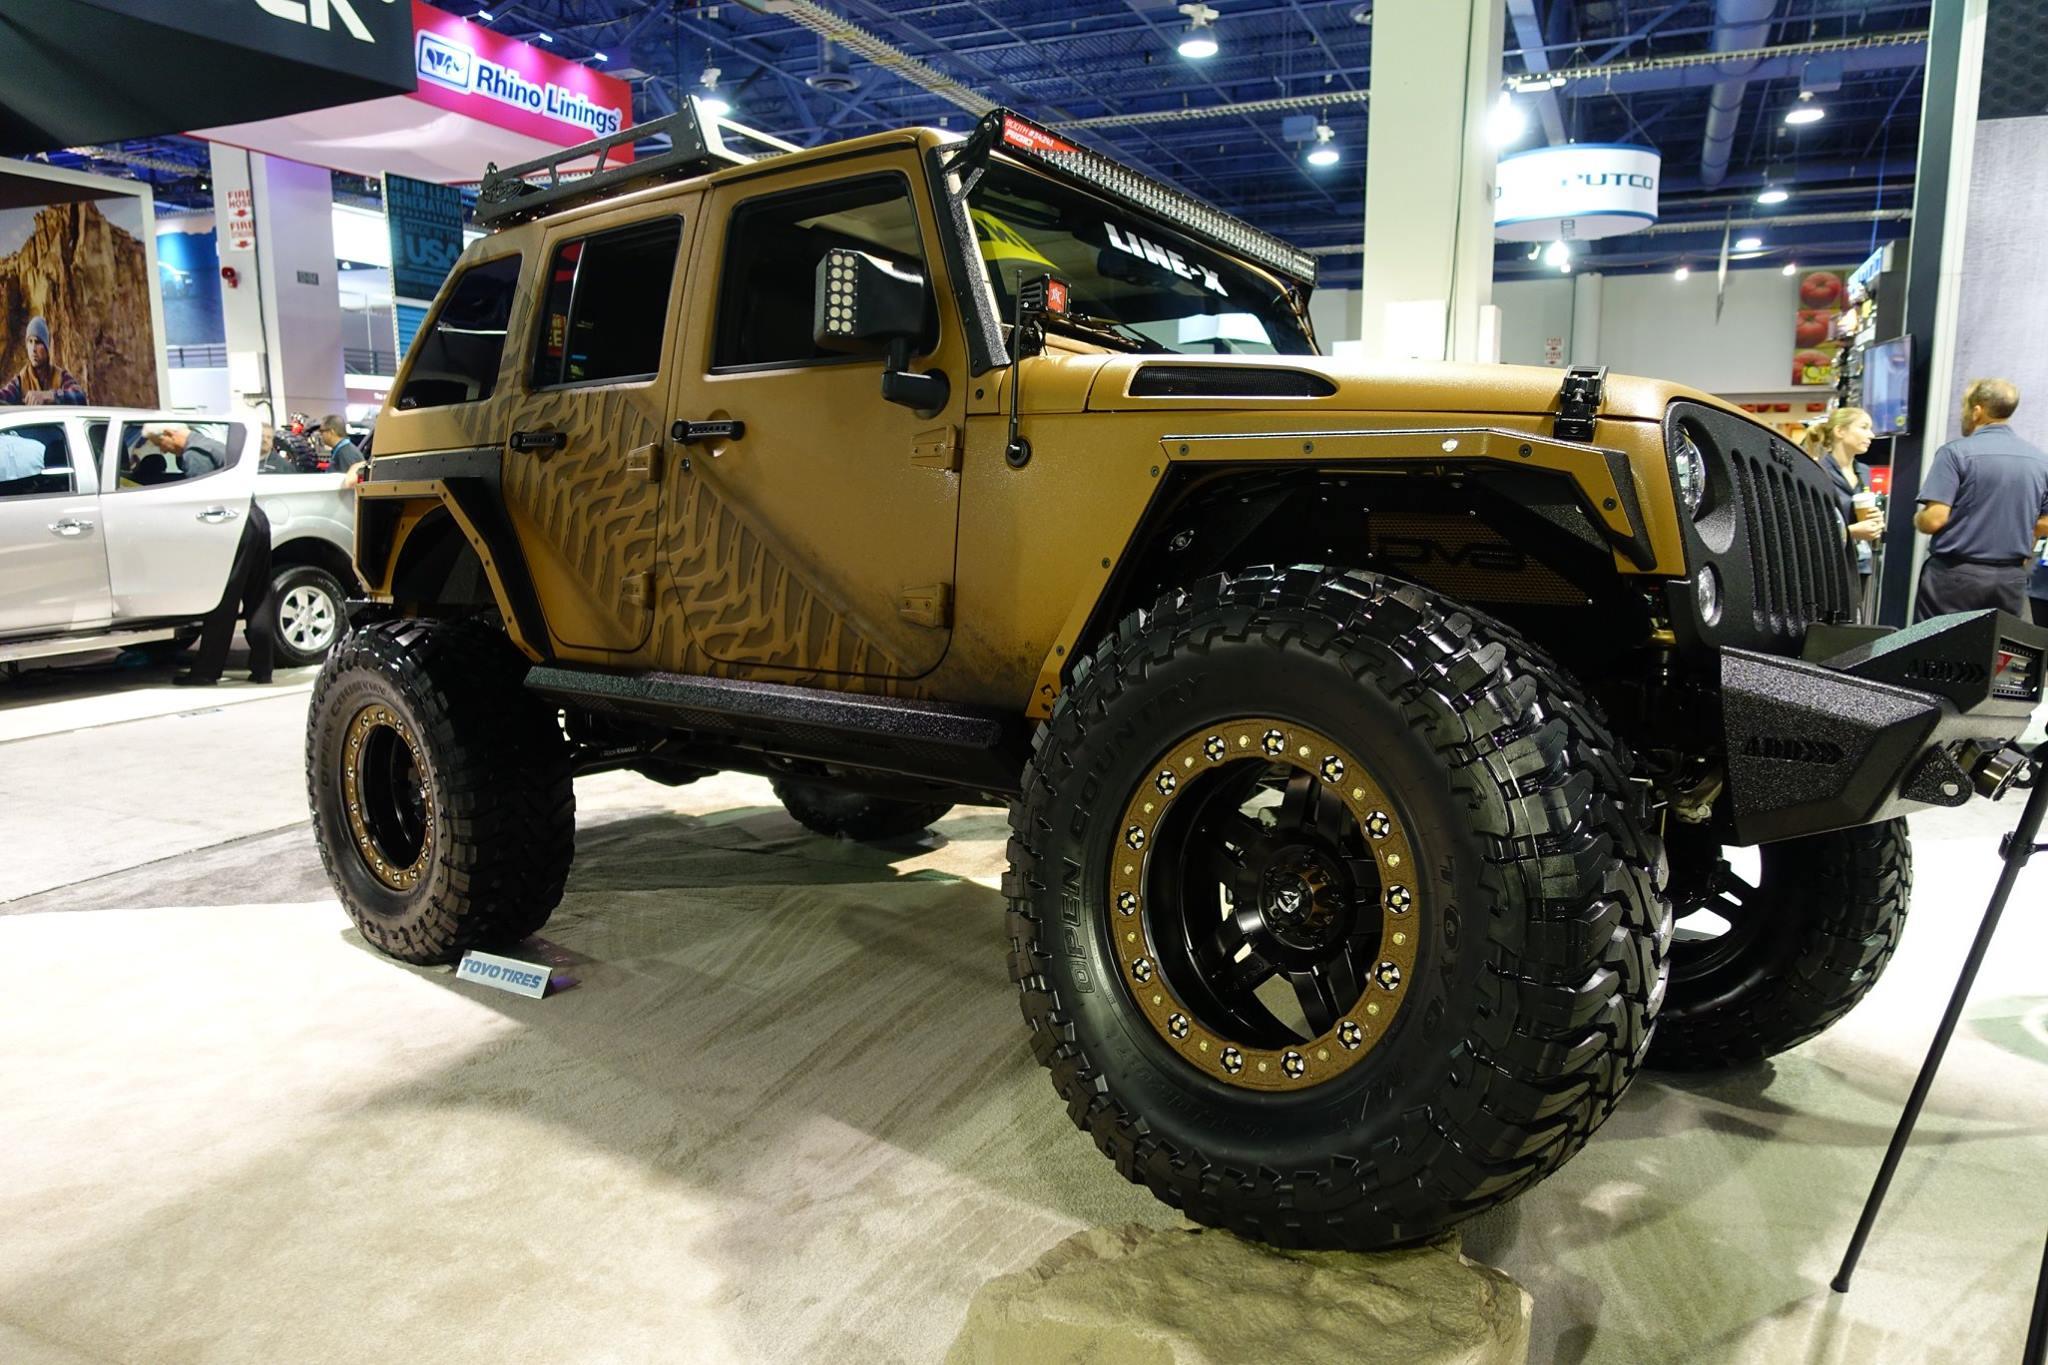 3d Line X 2015 Jk Unlimited Rubicon Quot Vision Jeep Quot